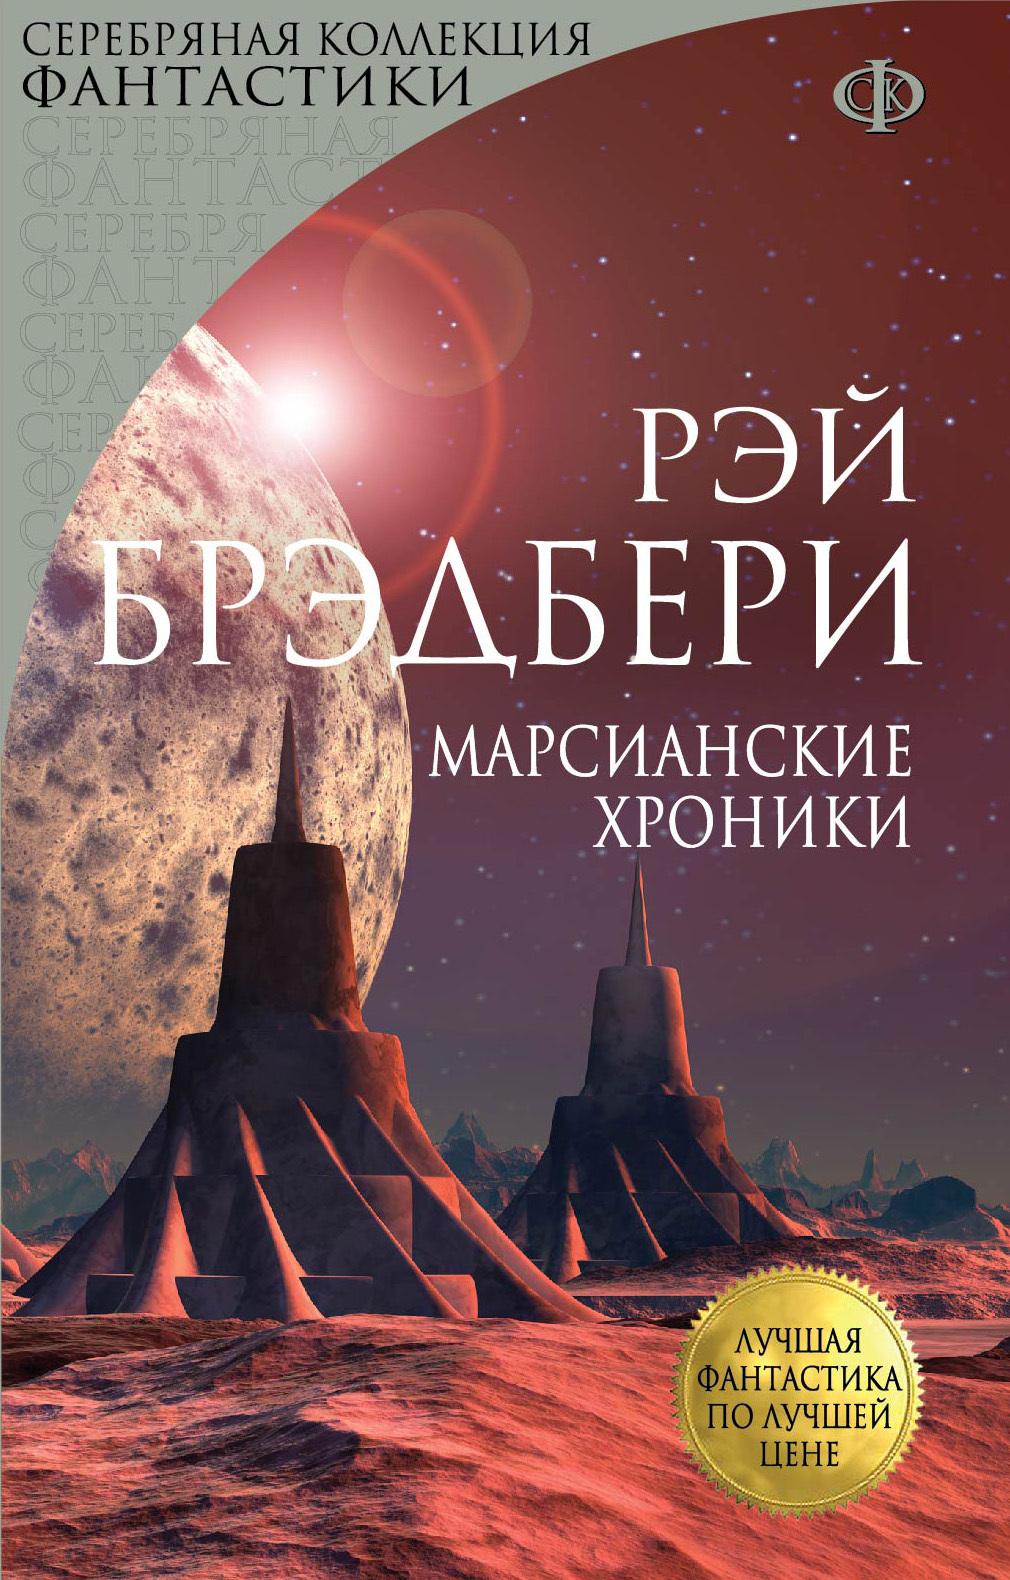 Марсианские хроники рэй брэдбери рецензии 1230